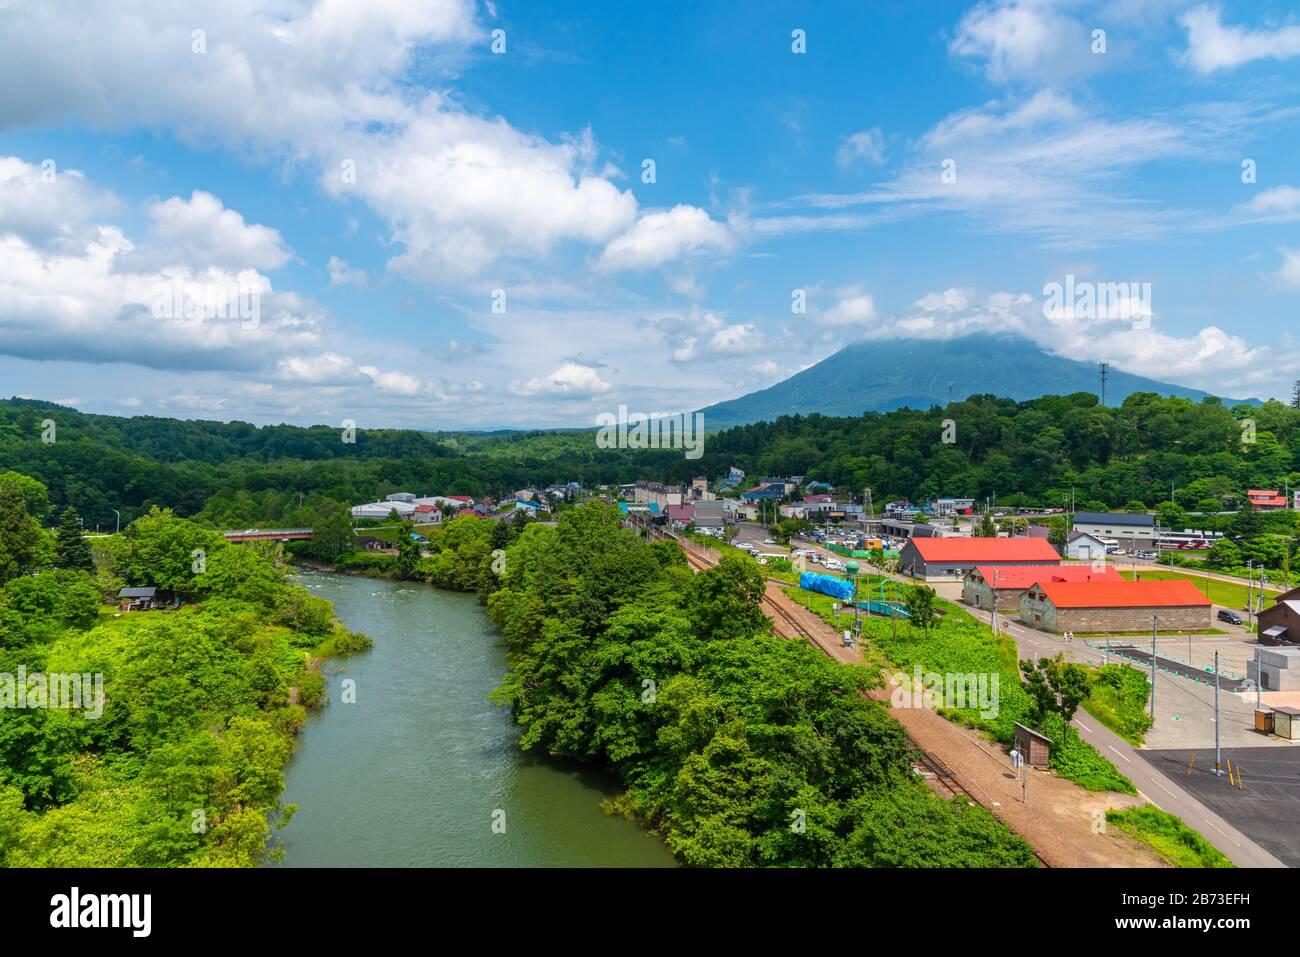 Paisaje urbano de Niseko en primavera soleado día con el Monte Yotei en el fondo. Una ciudad situada en la Subprefectura de Shiribeshi Foto de stock